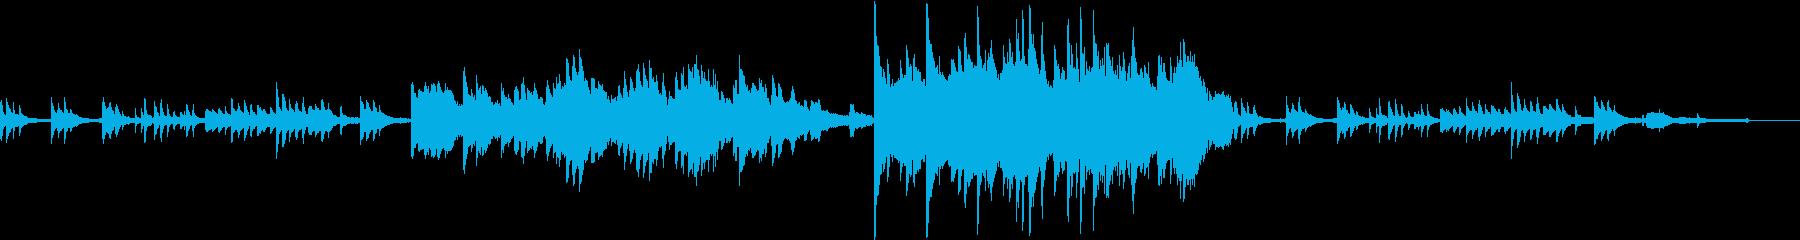 クラシック交響曲 エーテル 淡々 ...の再生済みの波形